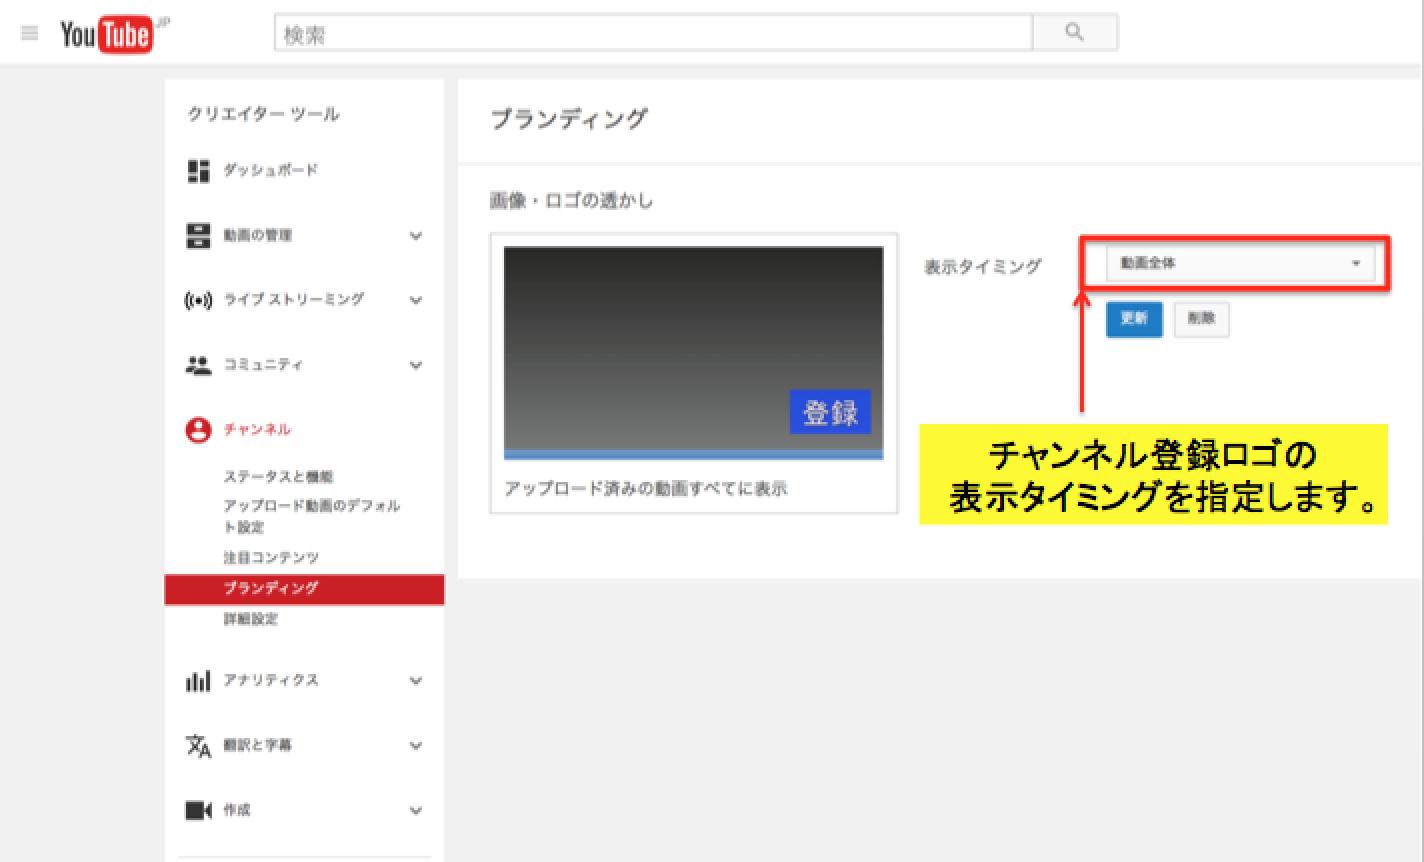 YouTubeチャンネル登録ロゴの表示タイミングを設定